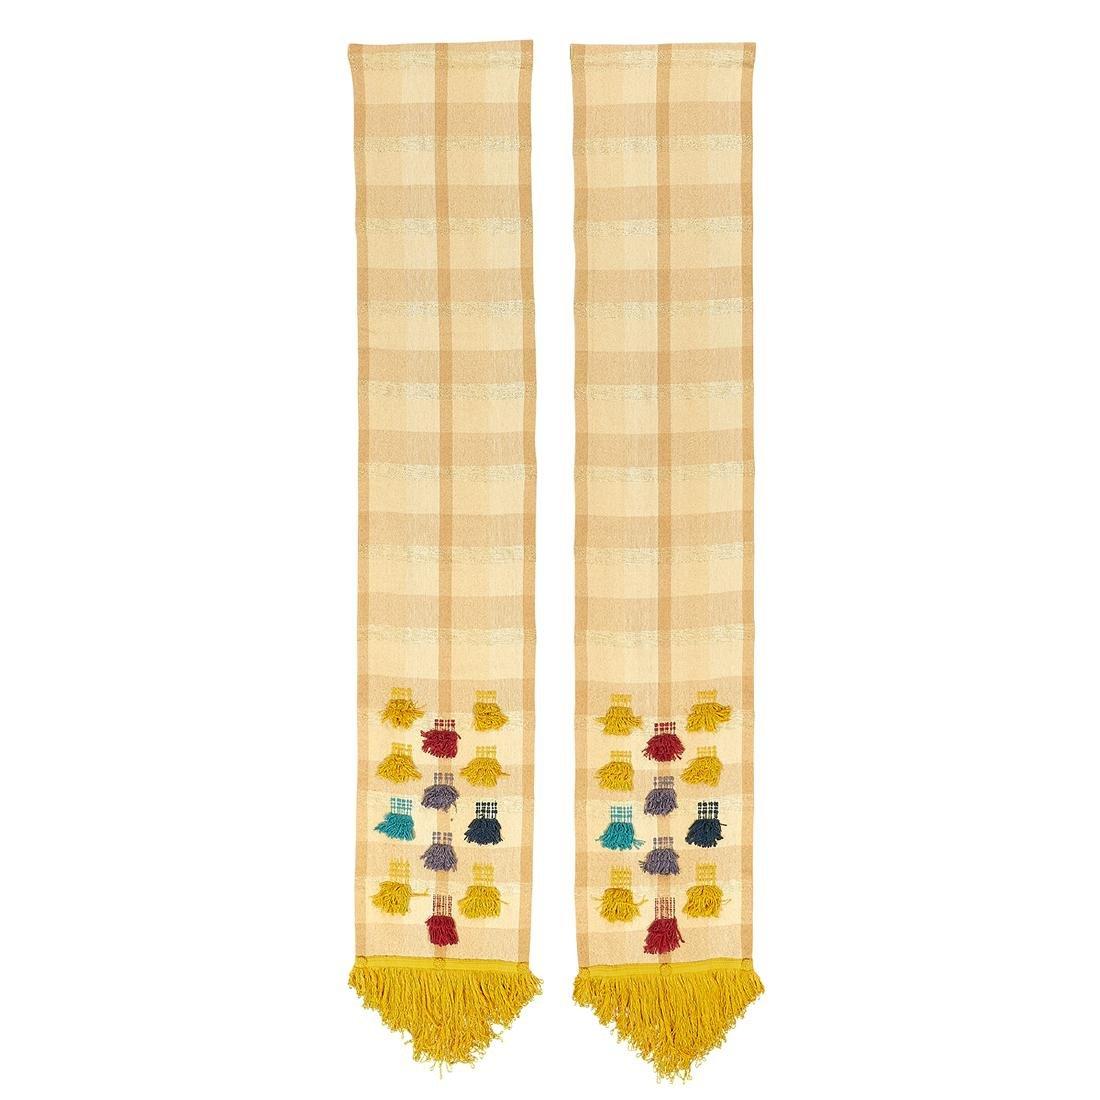 Maria Kipp  fabric panels, pair